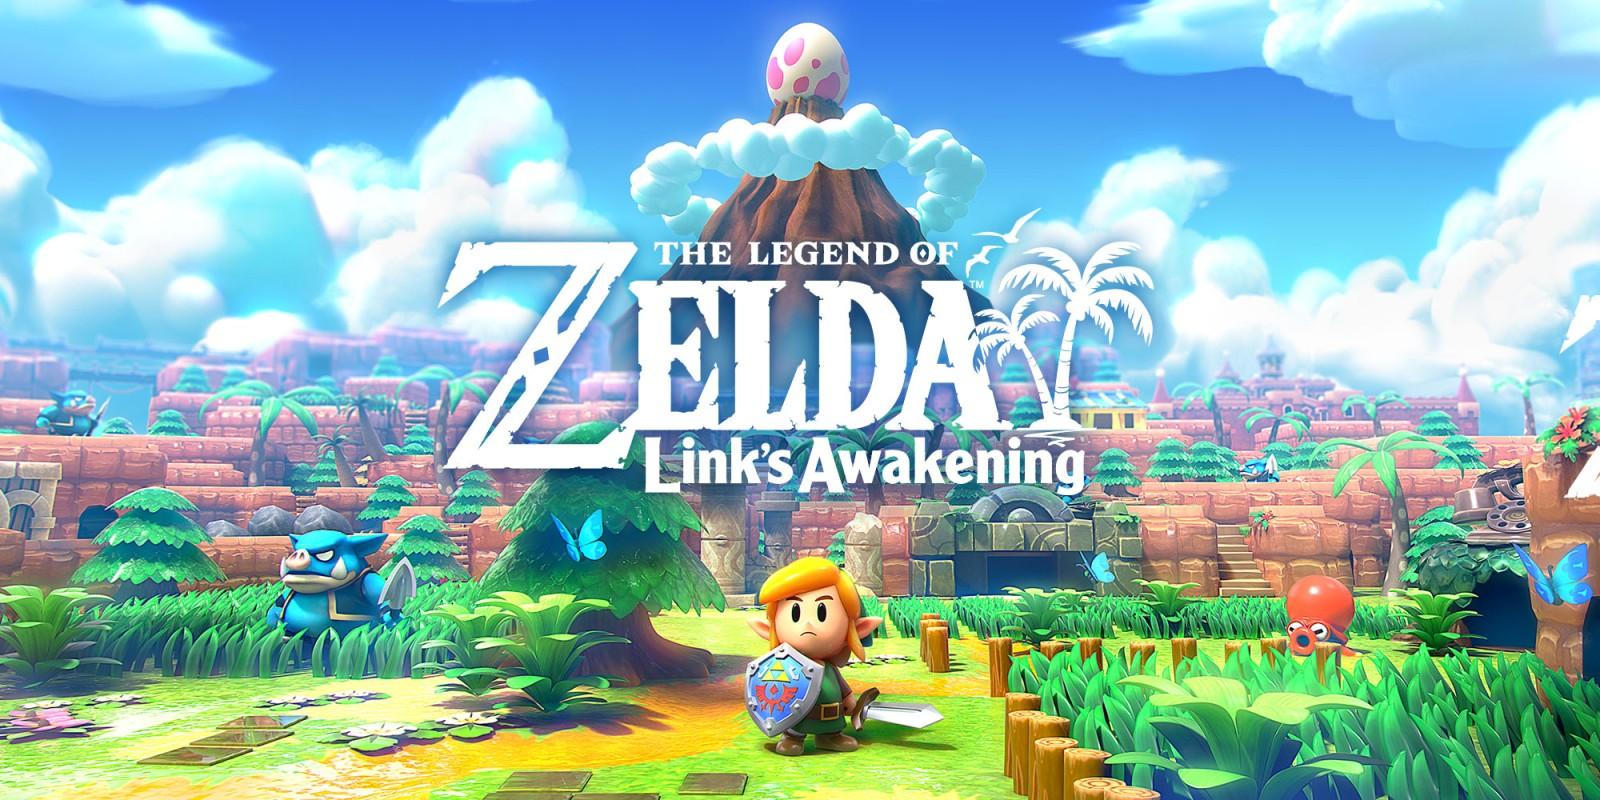 Today's Best Game Deals: Zelda Link's Awakening $46, New Super Mario Bros. $41.50, more